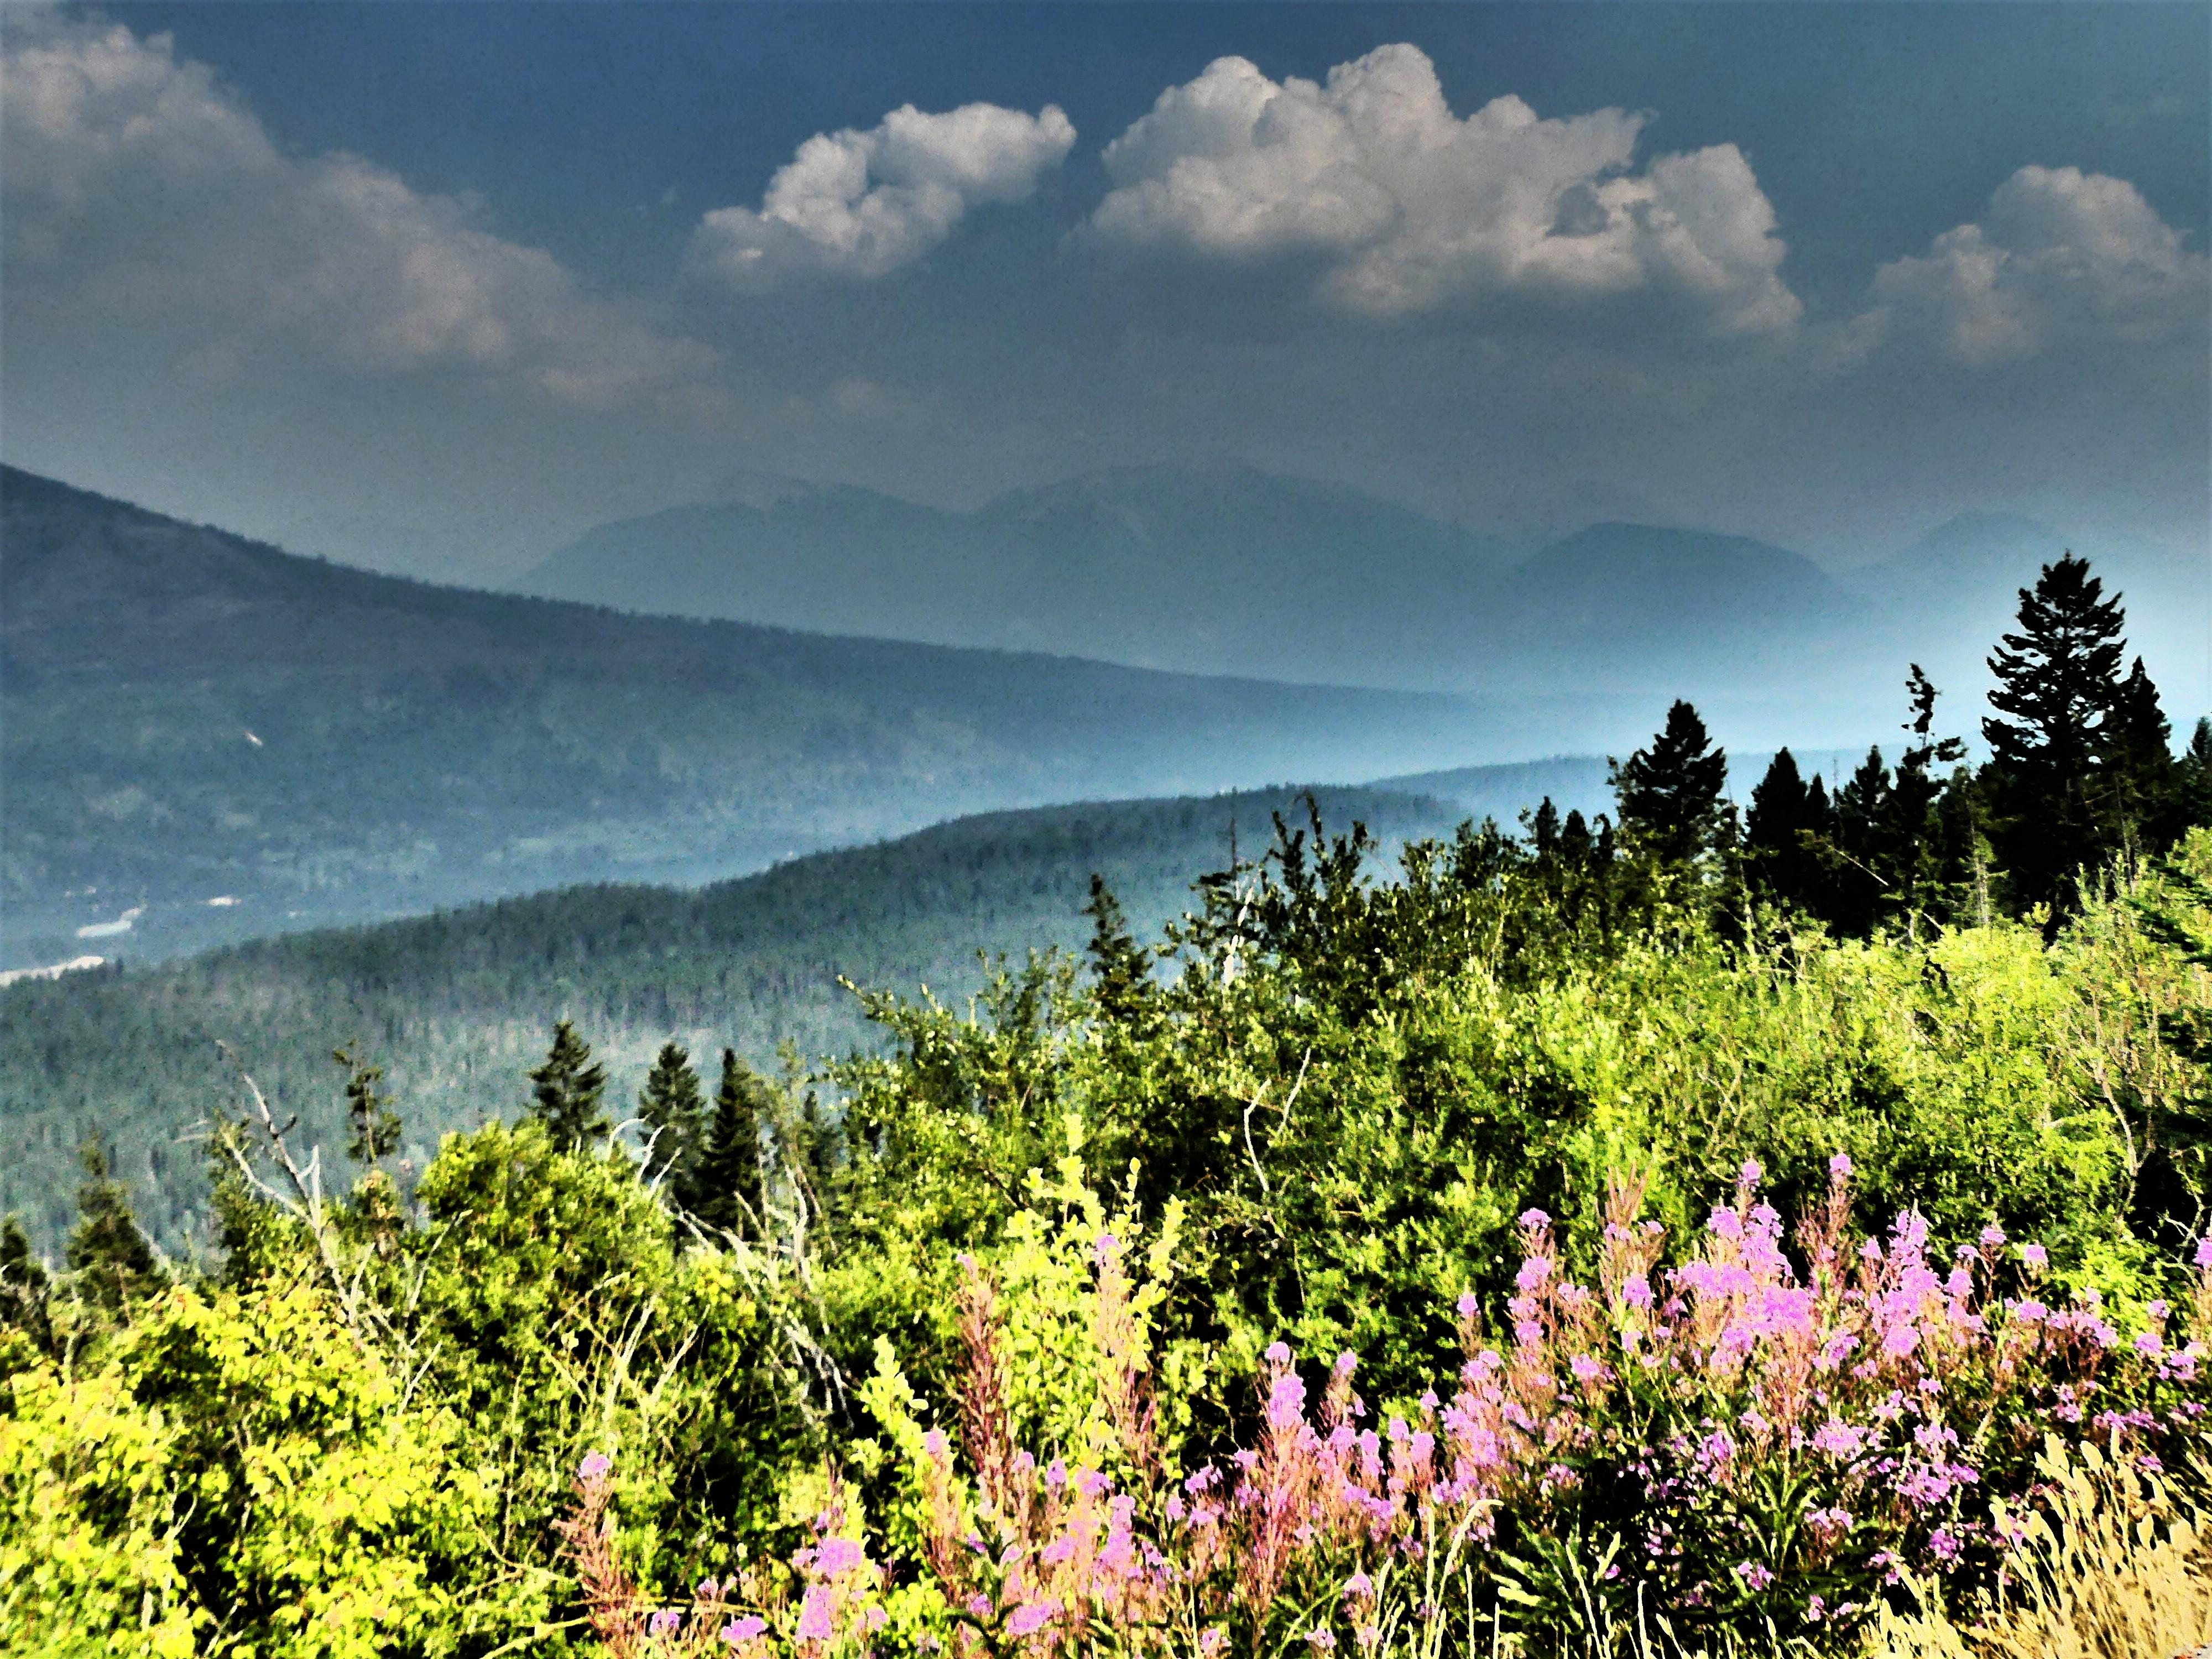 beauty thru the haze